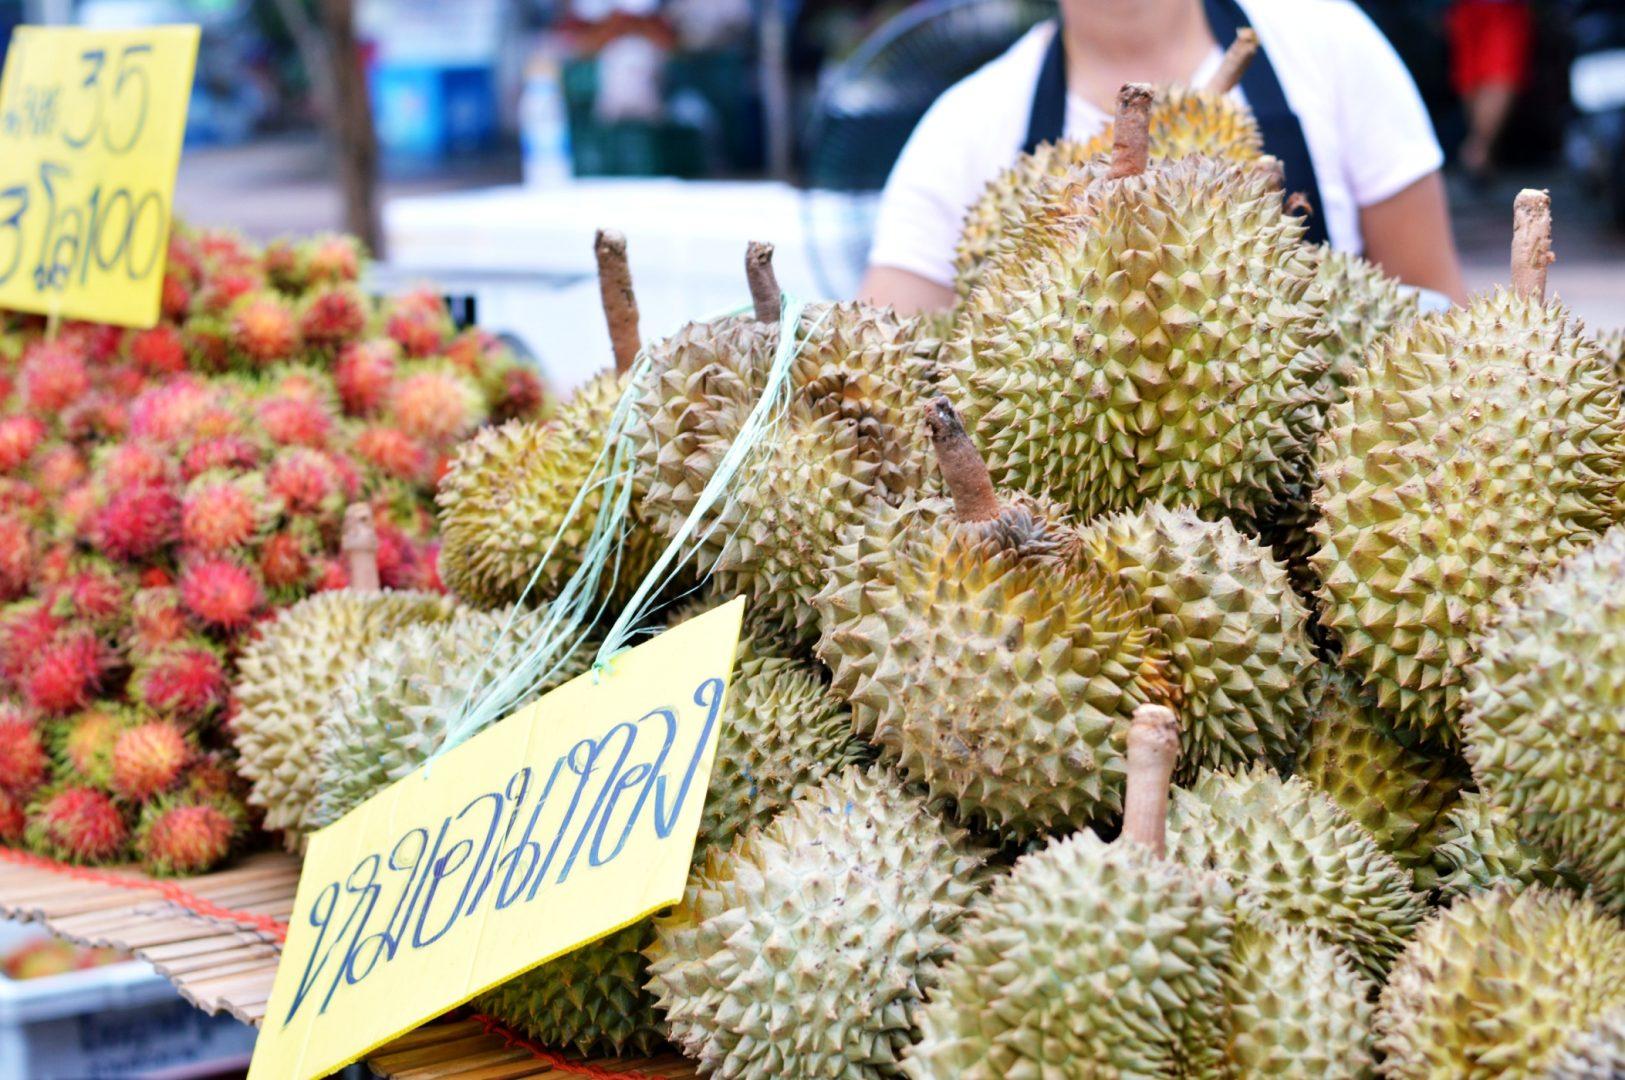 5 exotische Früchte aus Thailand - Durian| www.dearlicious.com